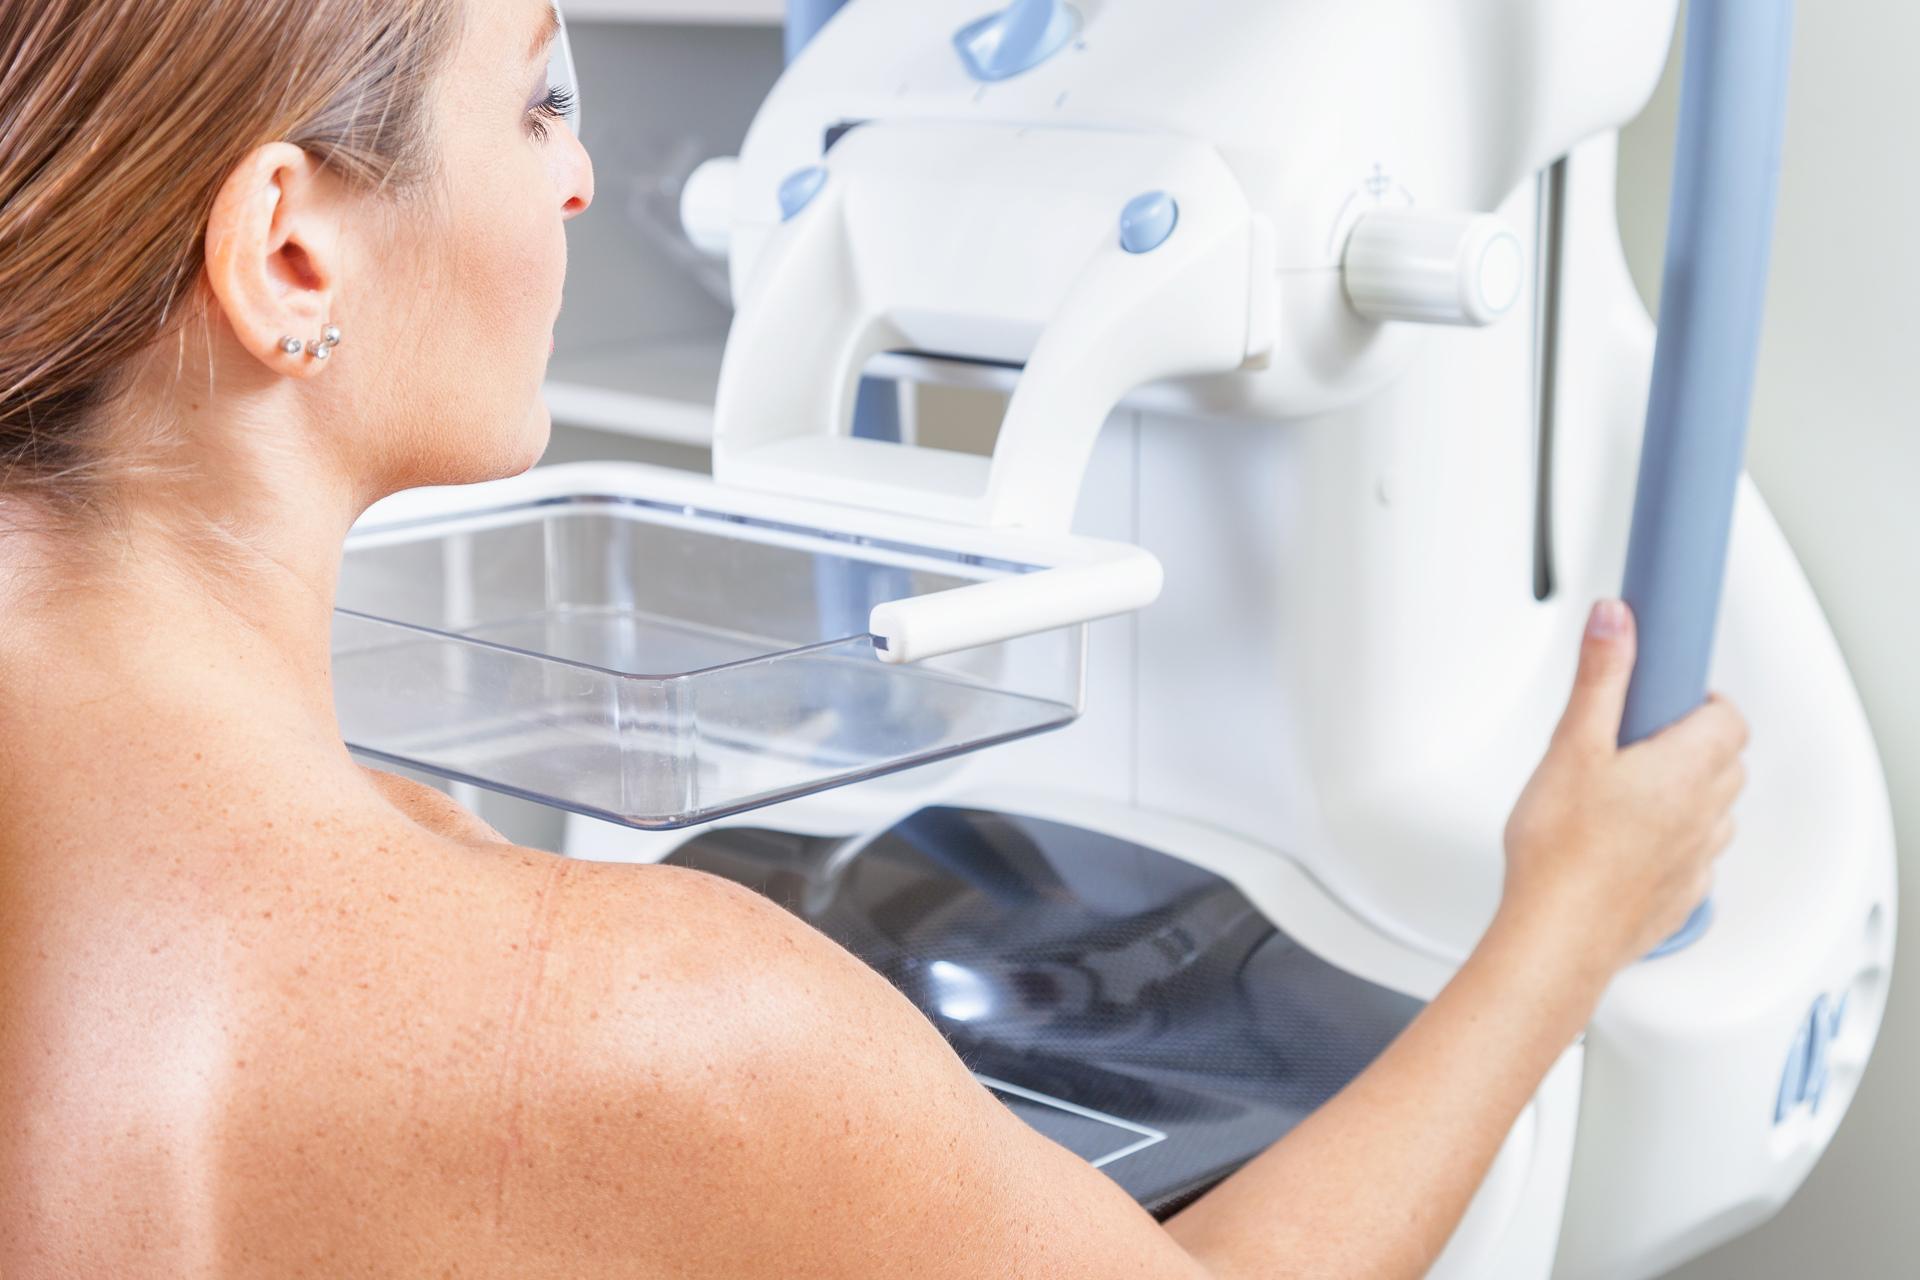 progettazione e realizzazione veicoli medicali ambulatori screening mammografico